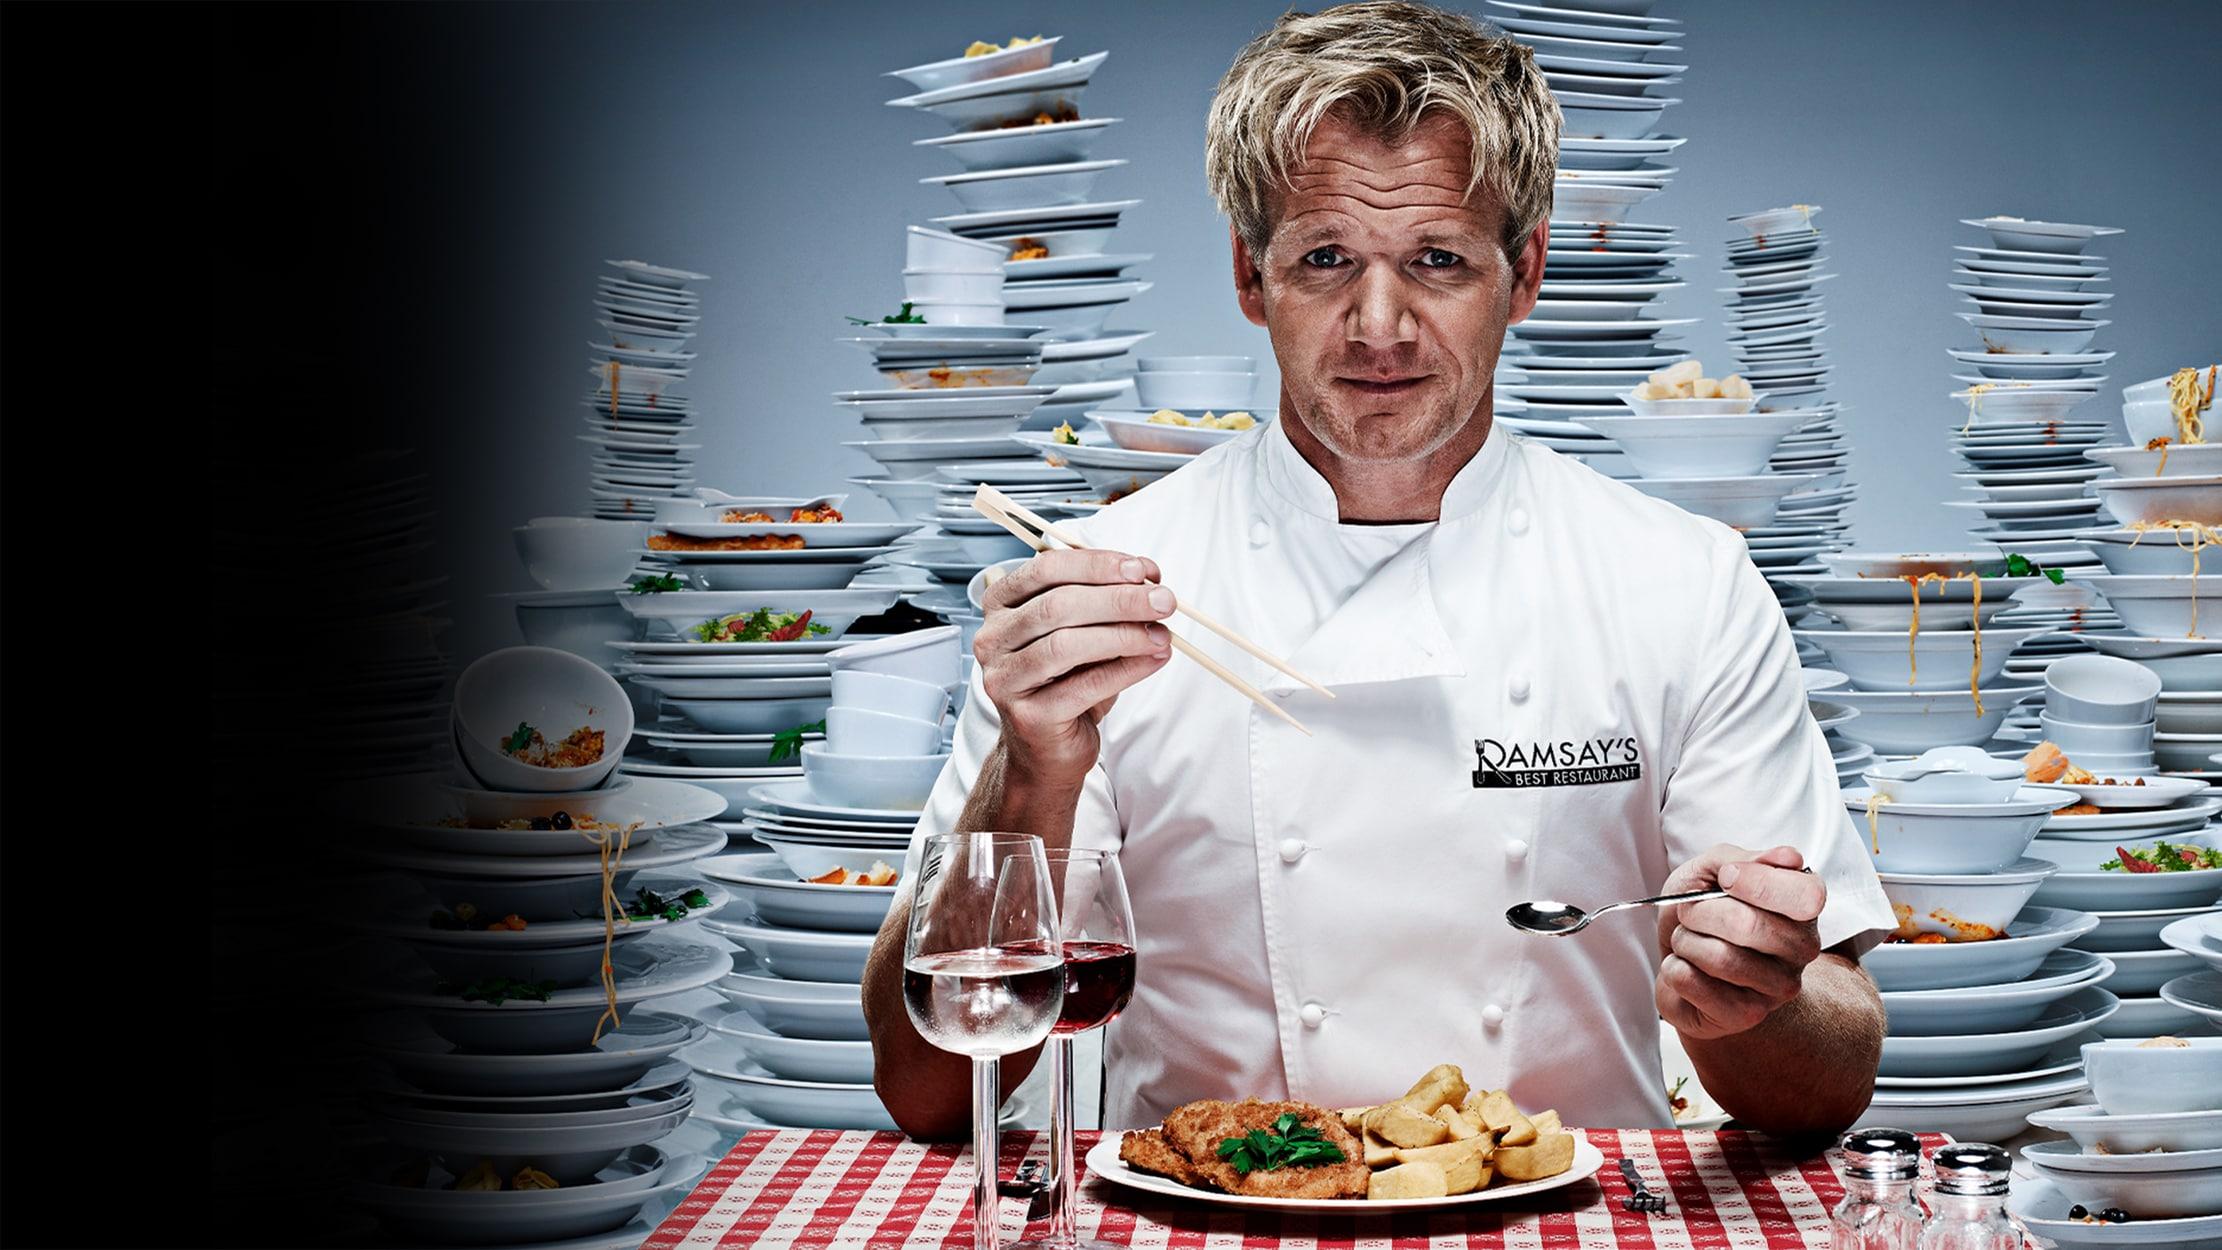 Ramsay's Best Restaurant seriesDetail